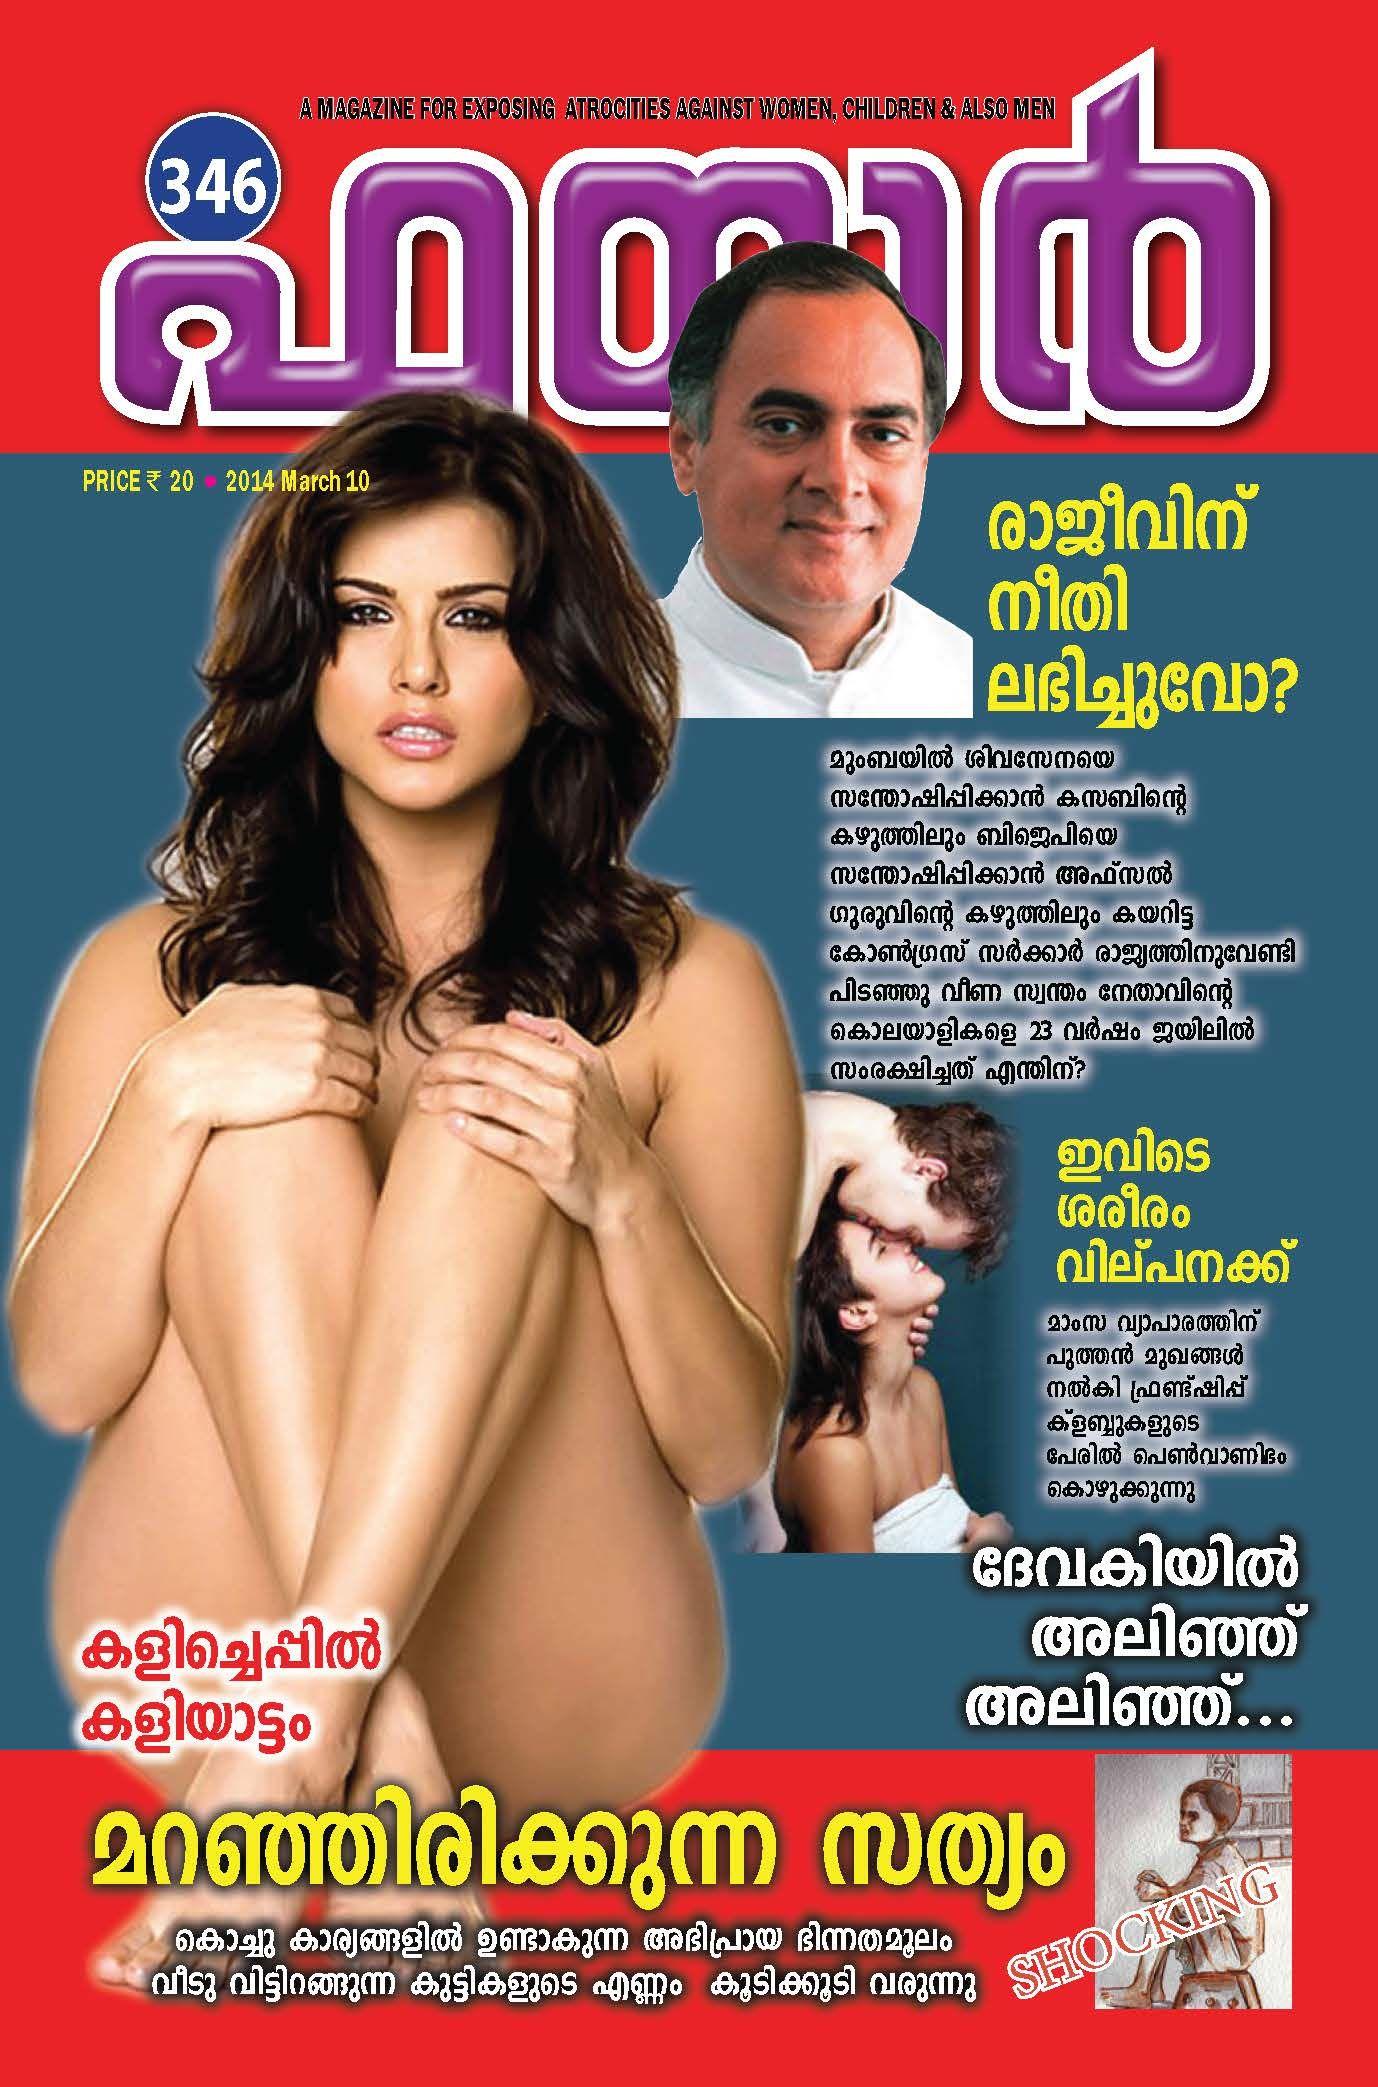 Malayalam sex magazine model girls — 14